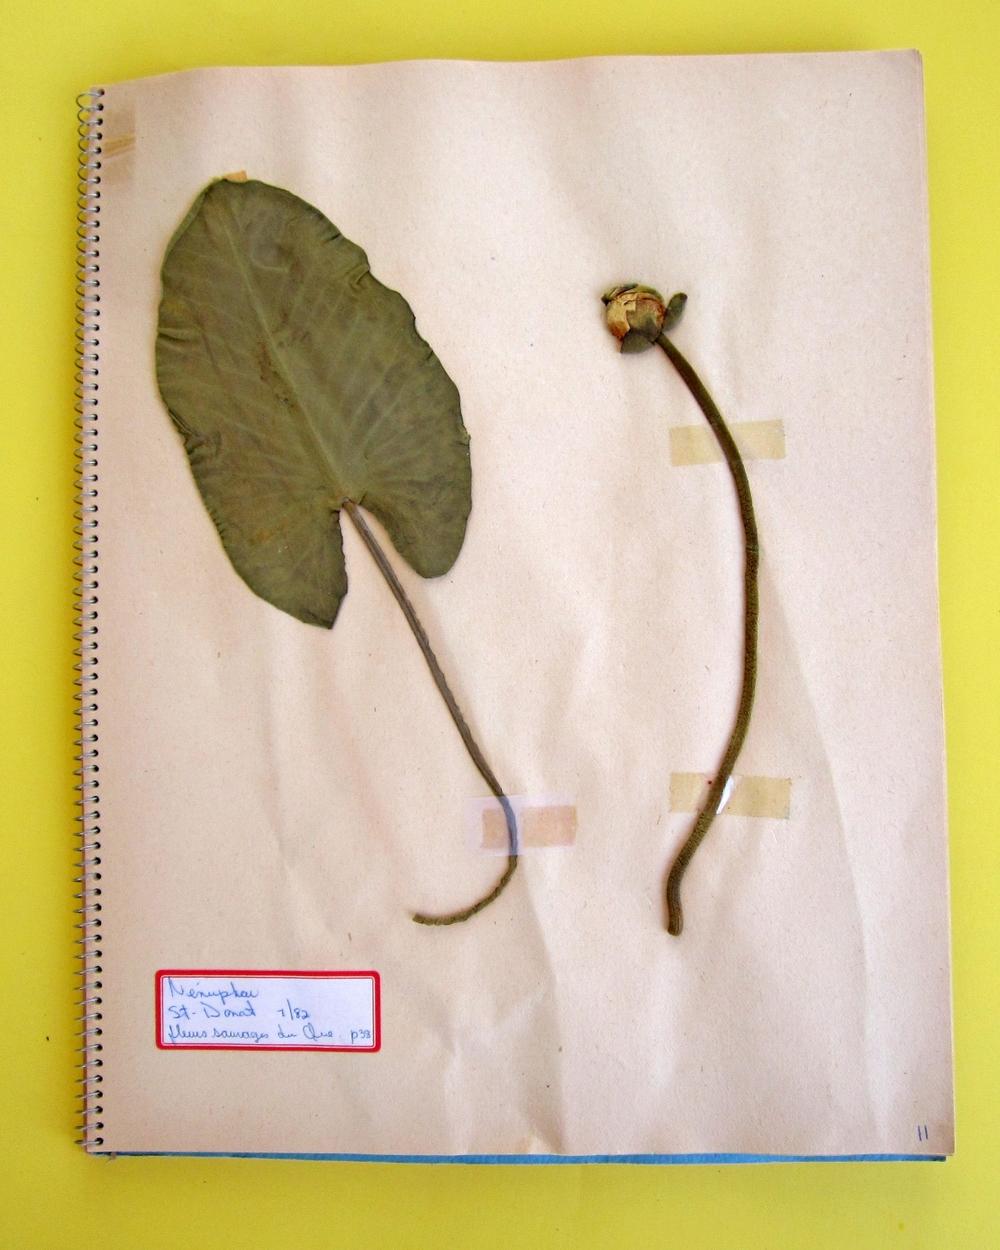 Spatterdock (Nuphar variegatum)